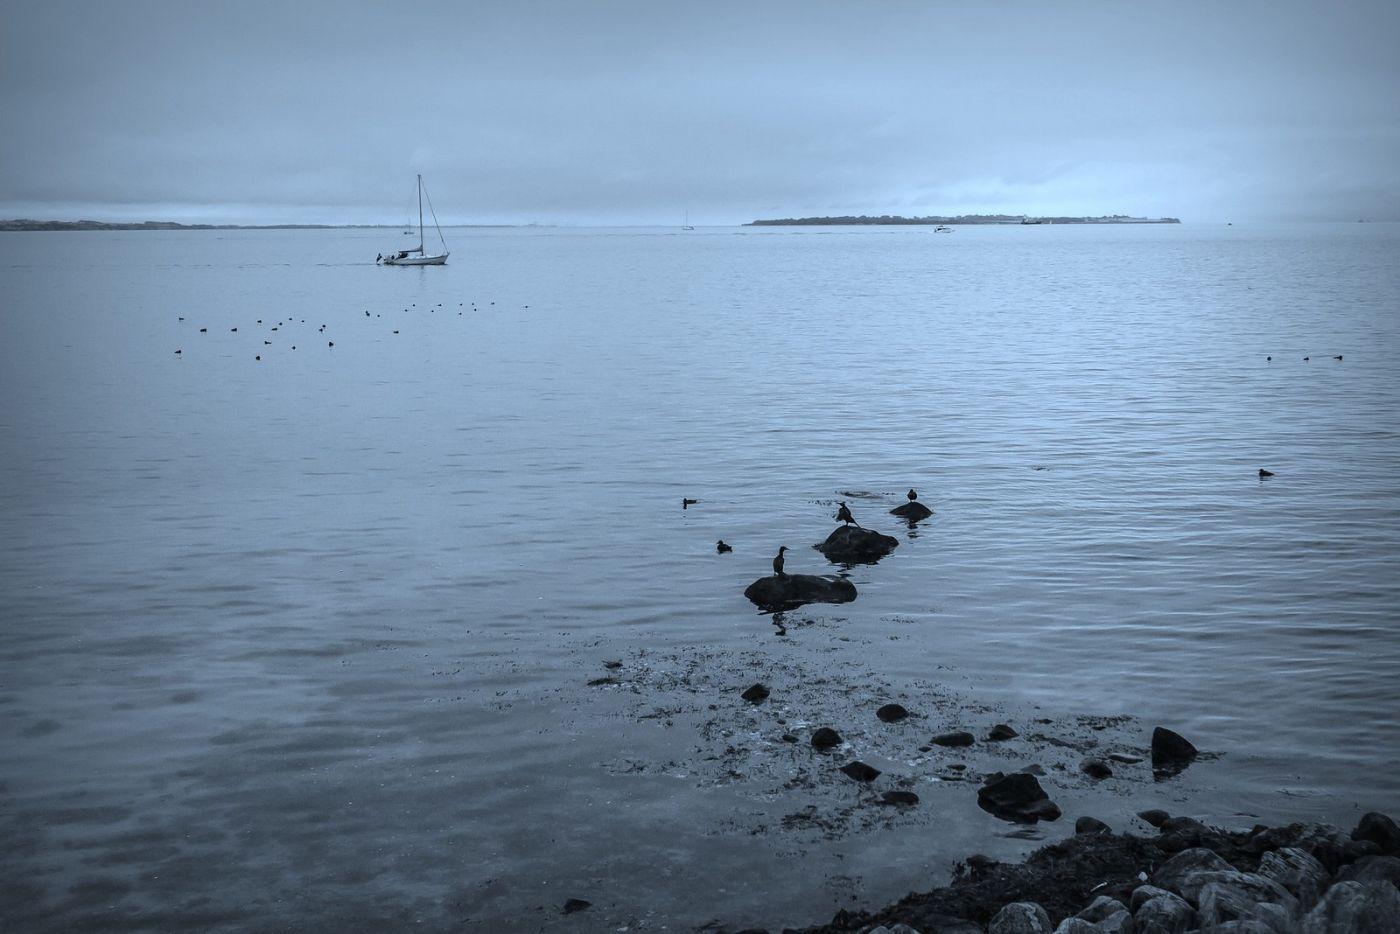 丹麦哥本哈根,坐船看市景_图1-20